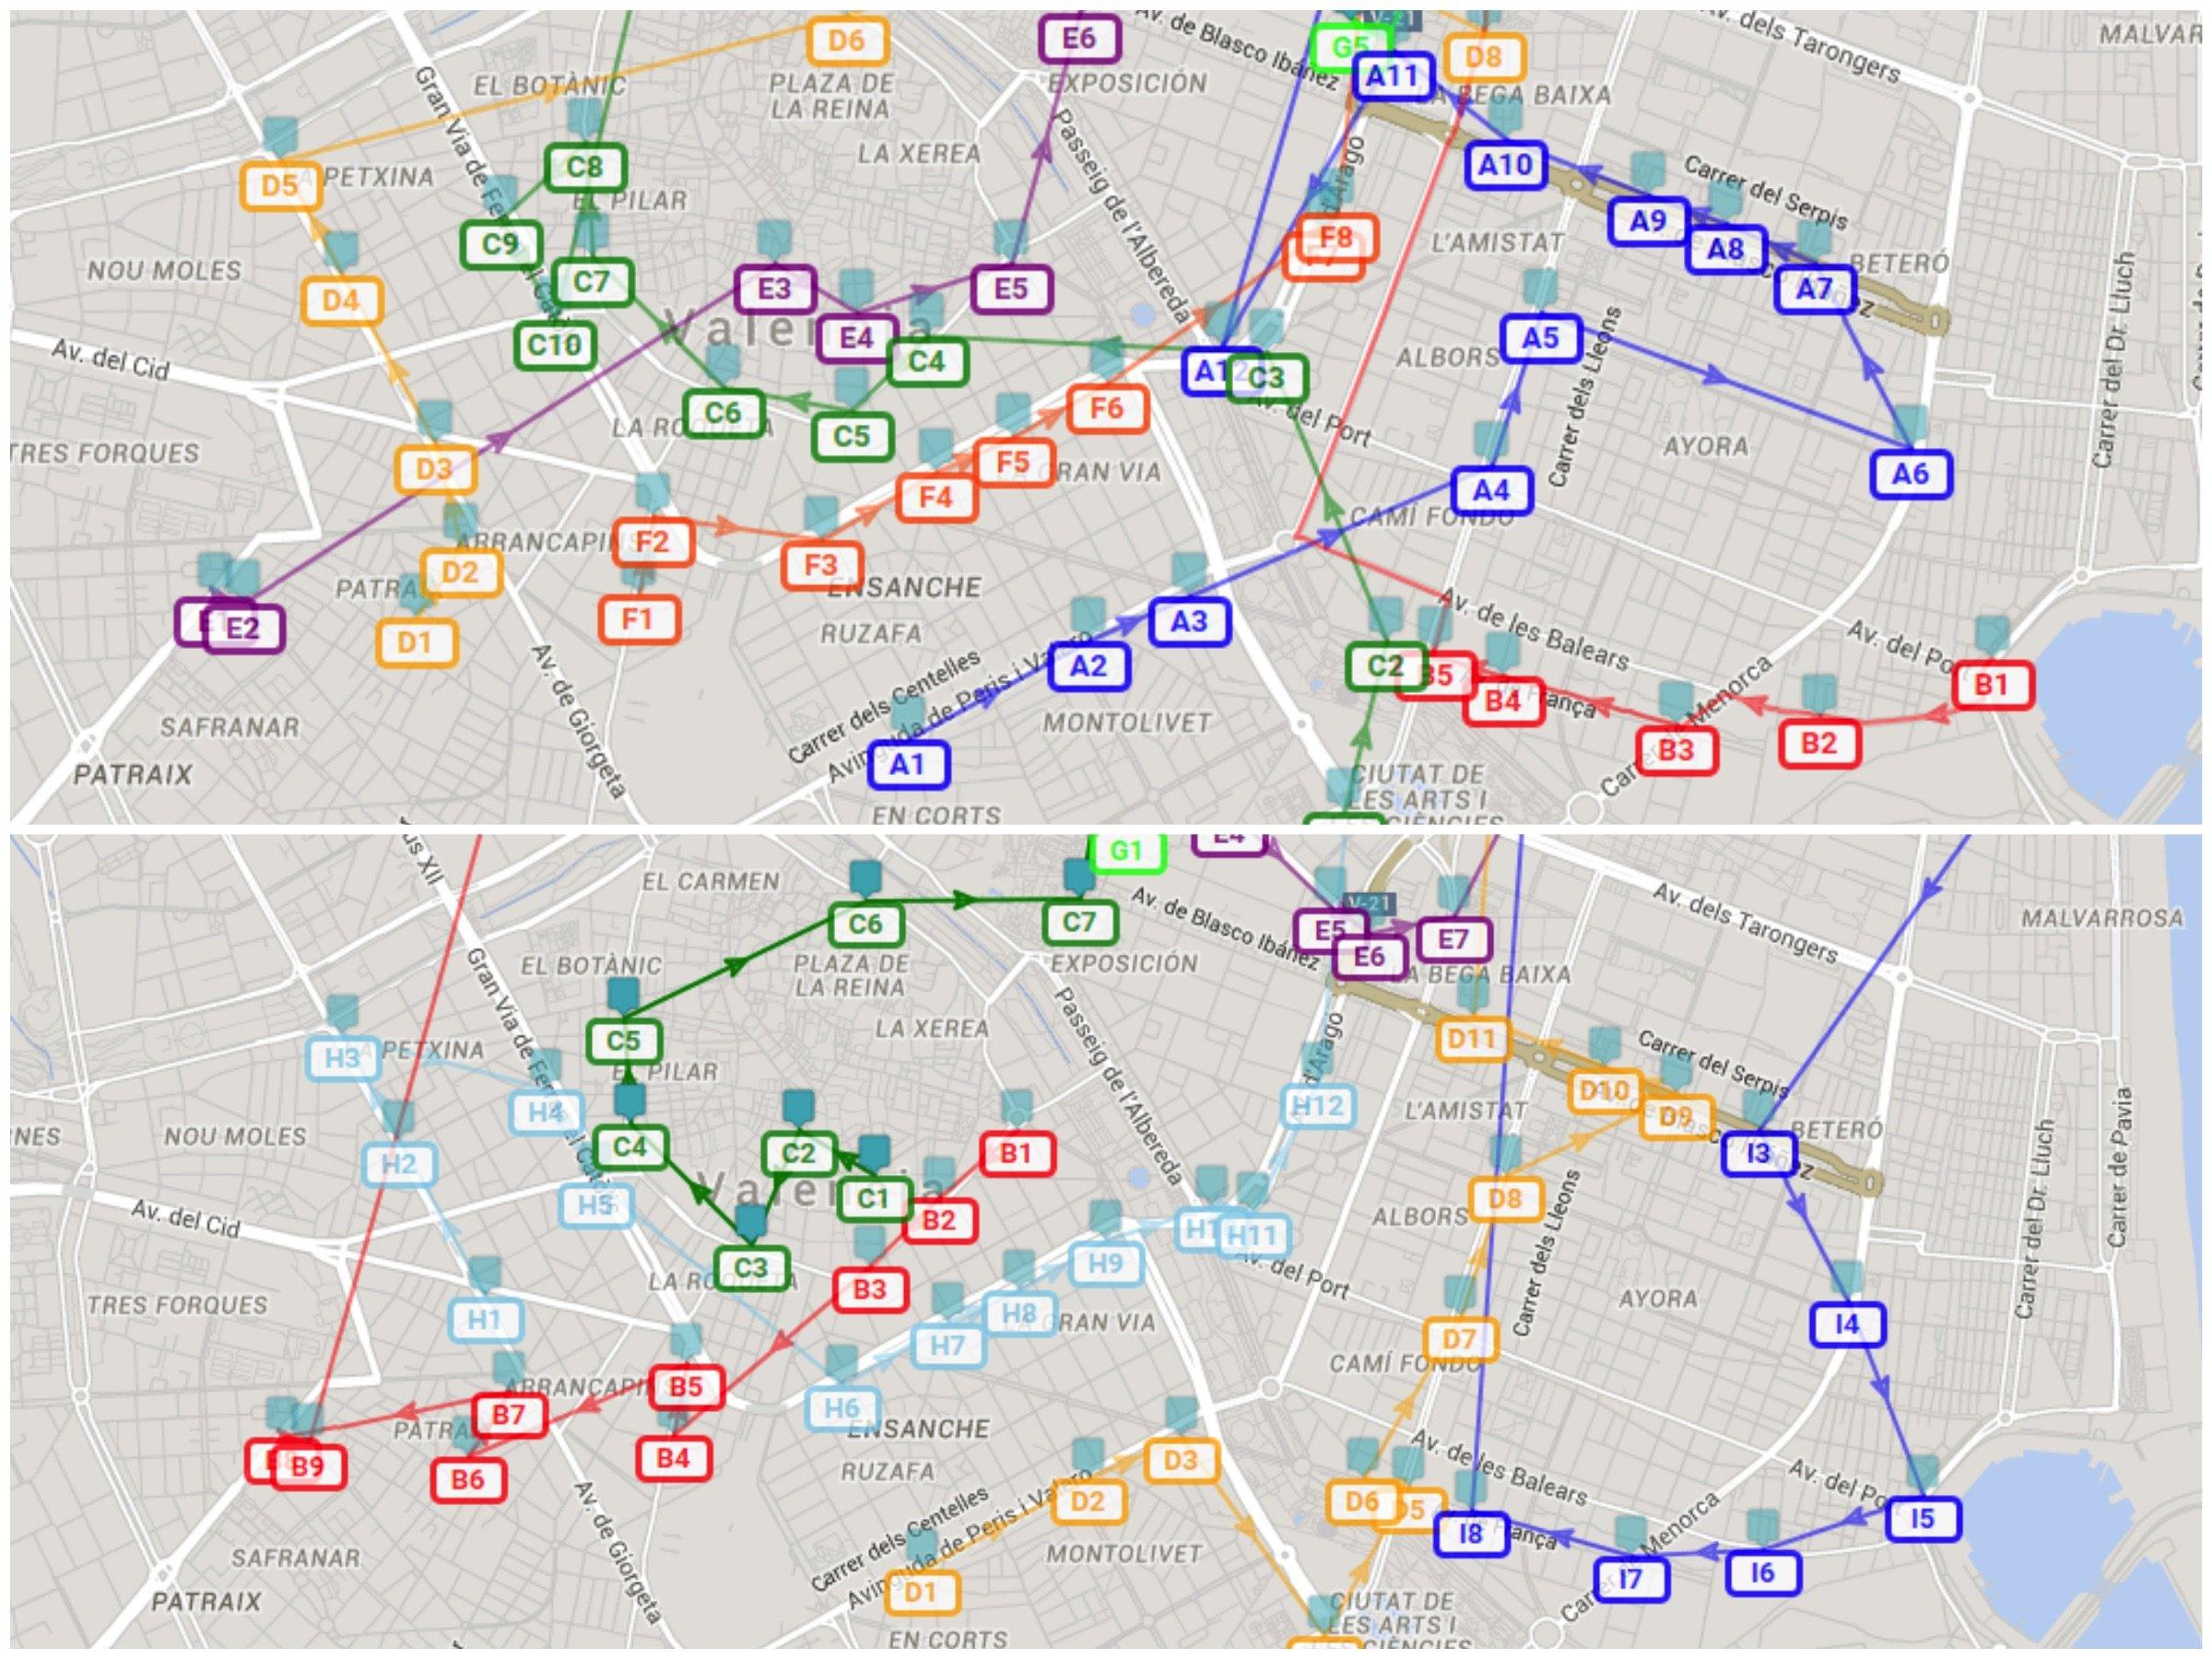 Optimización de rutas de transporte escolar